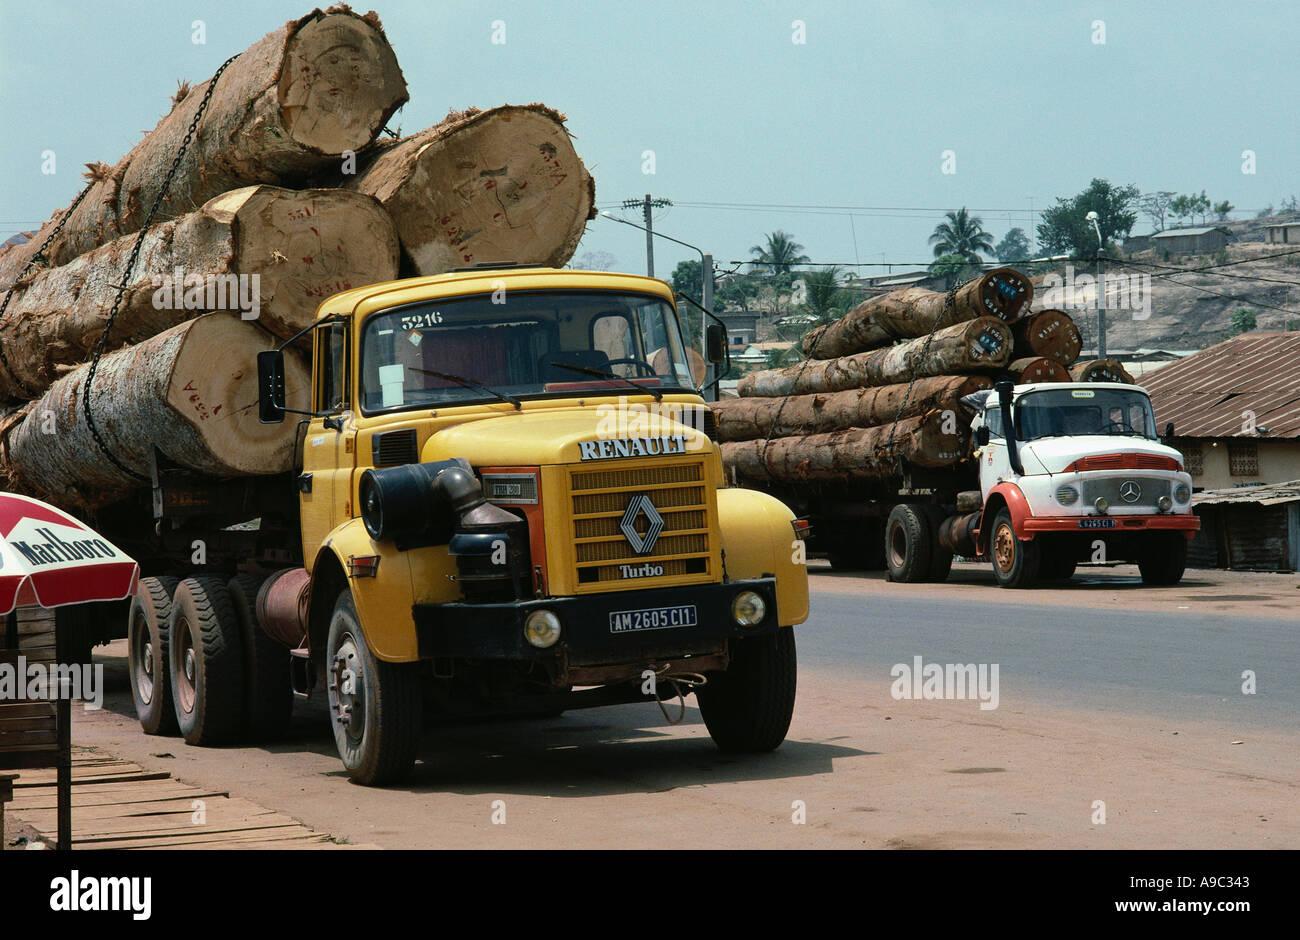 La deforestazione carrelli caricati con i registri nella parte occidentale della Costa d'Avorio Africa occidentale Immagini Stock